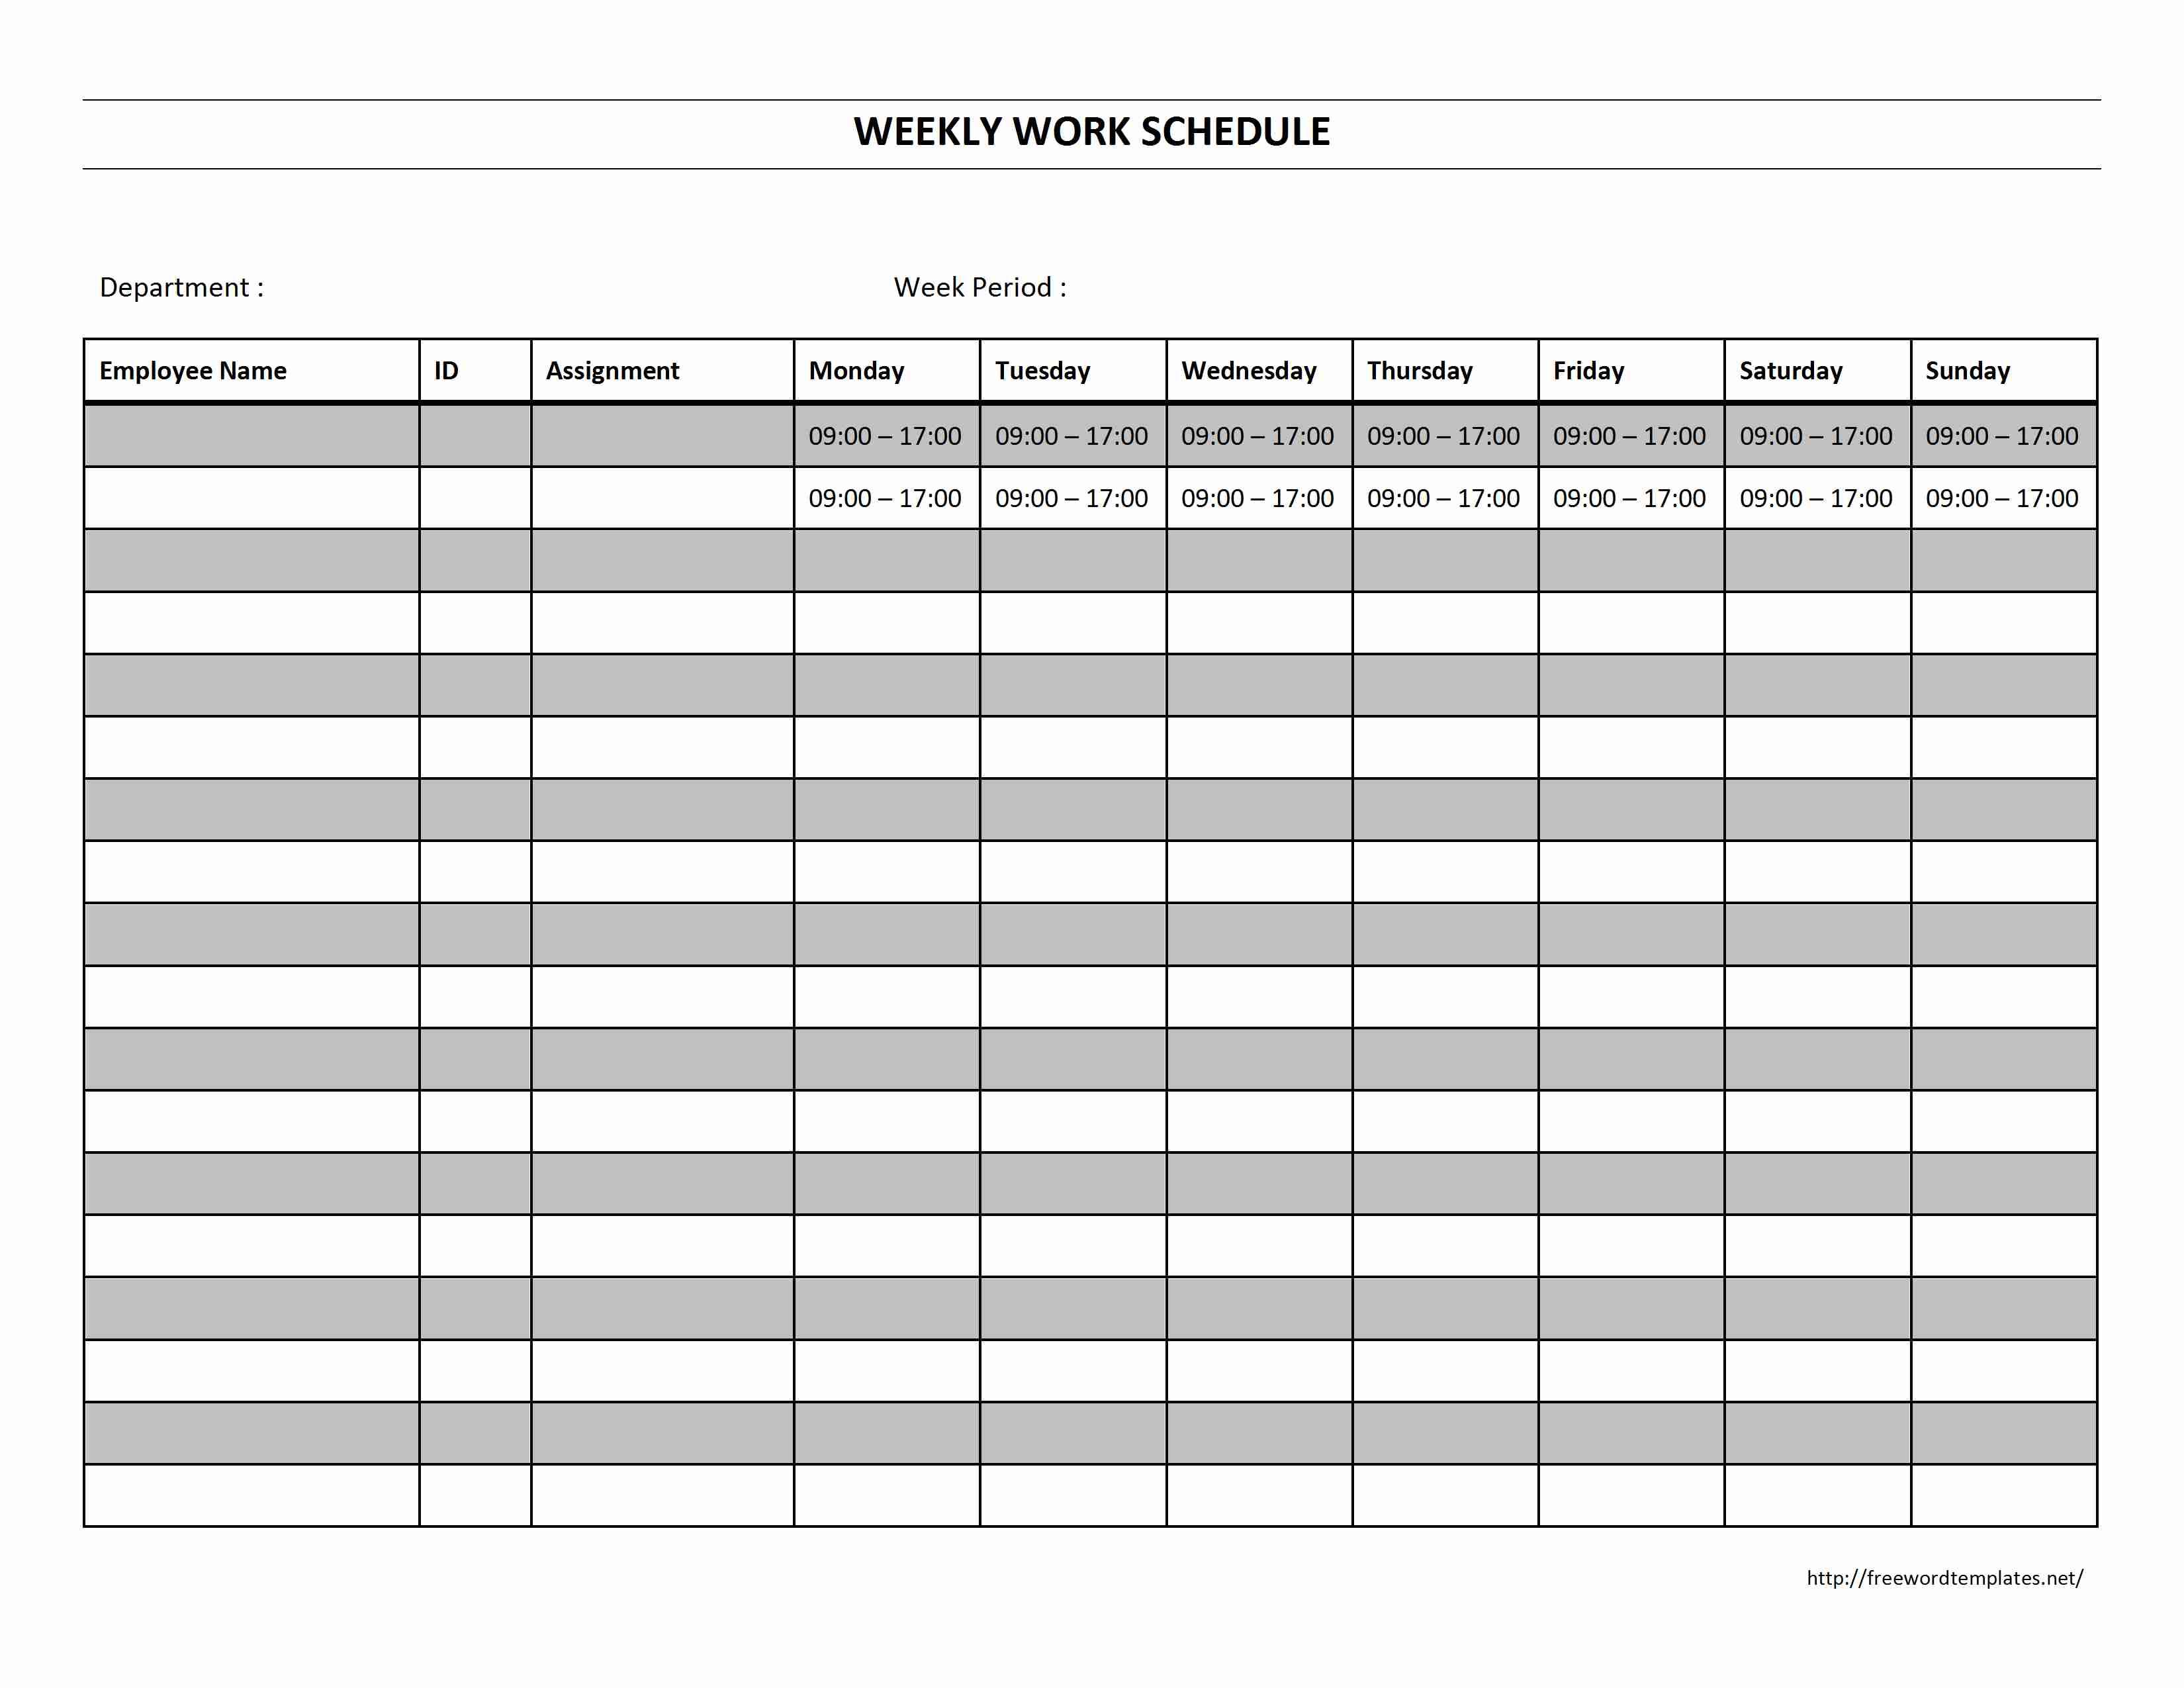 Weekly Work Schedule - Free Printable Weekly Work Schedule